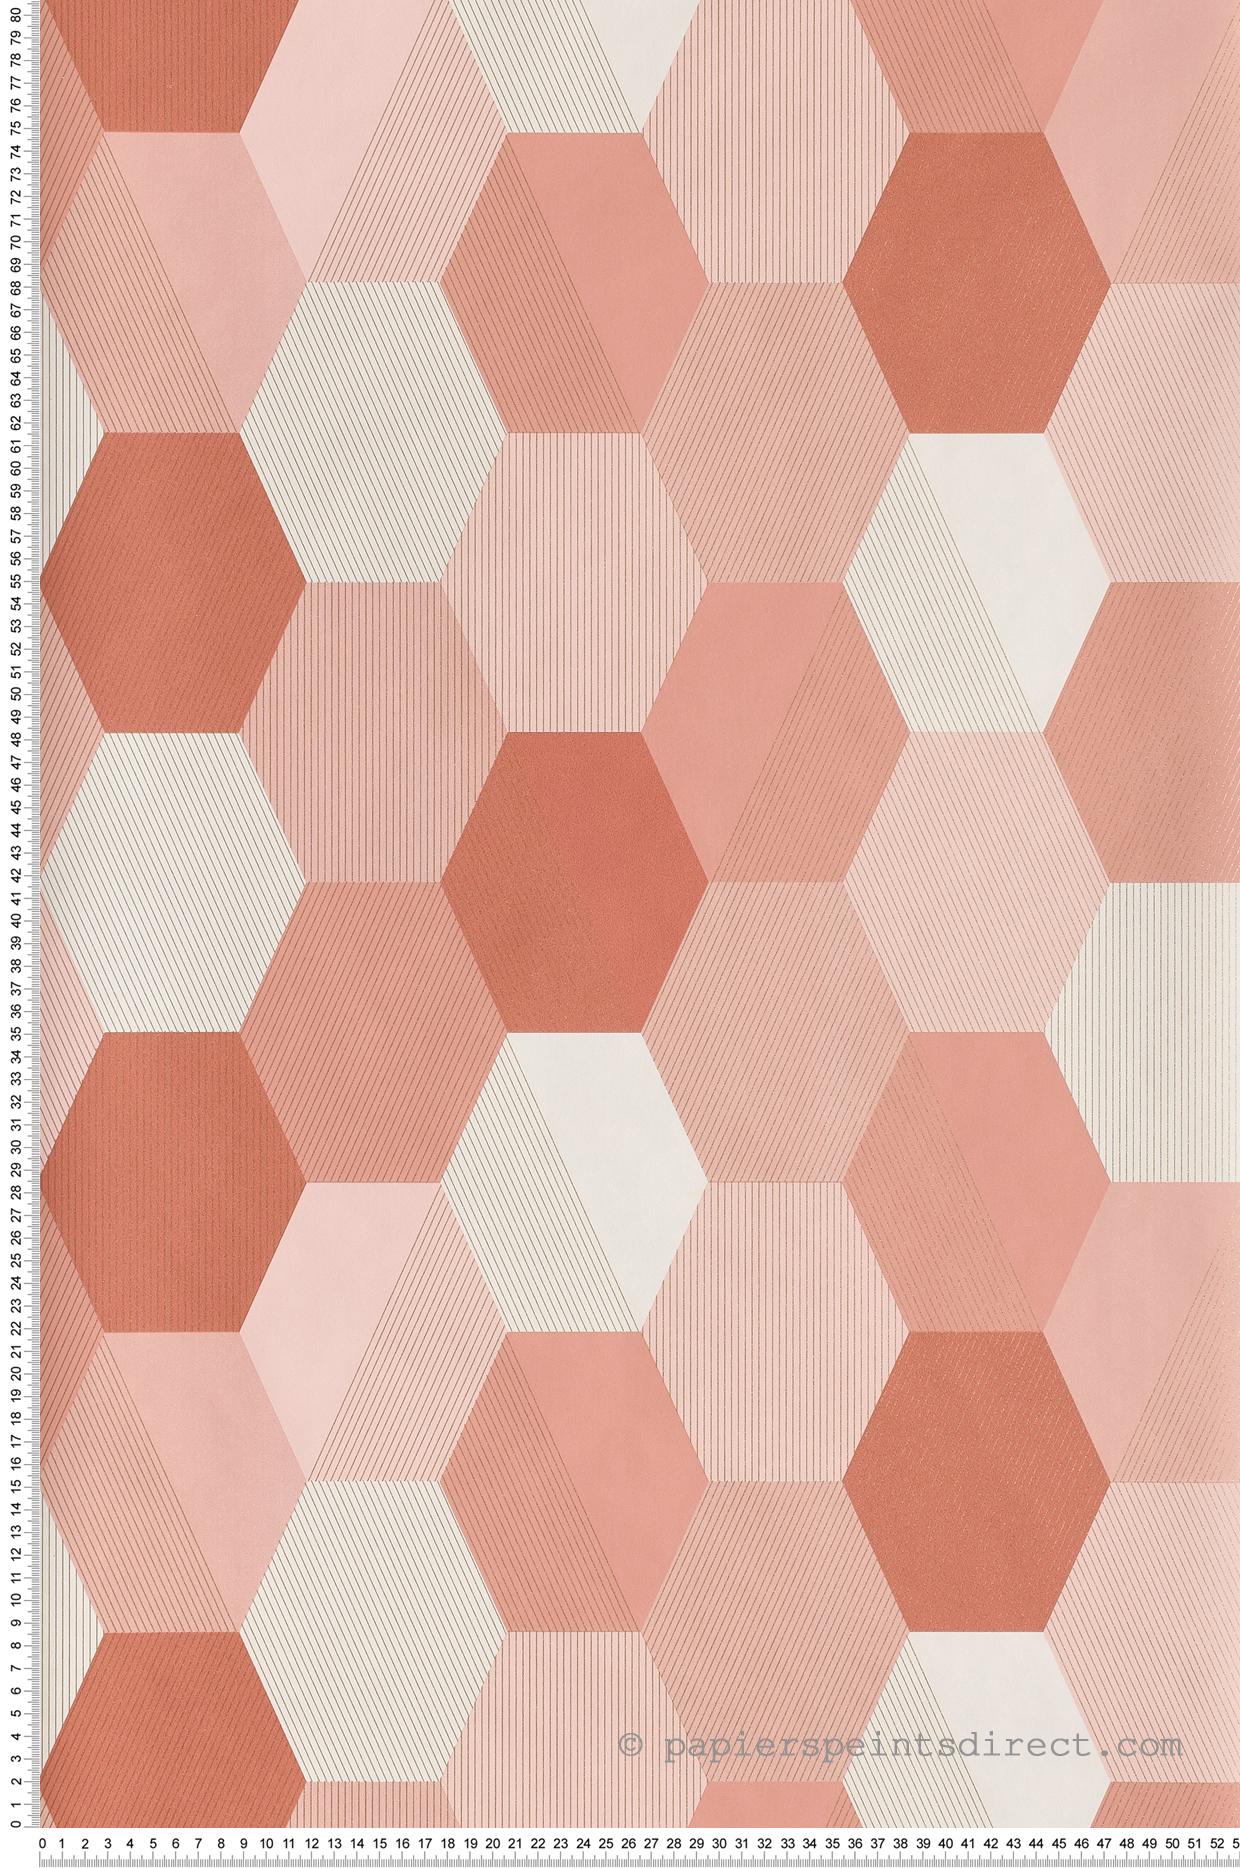 Papier peint Hexagon rose marsala - Spaces de Casélio | Réf. SPA100104144